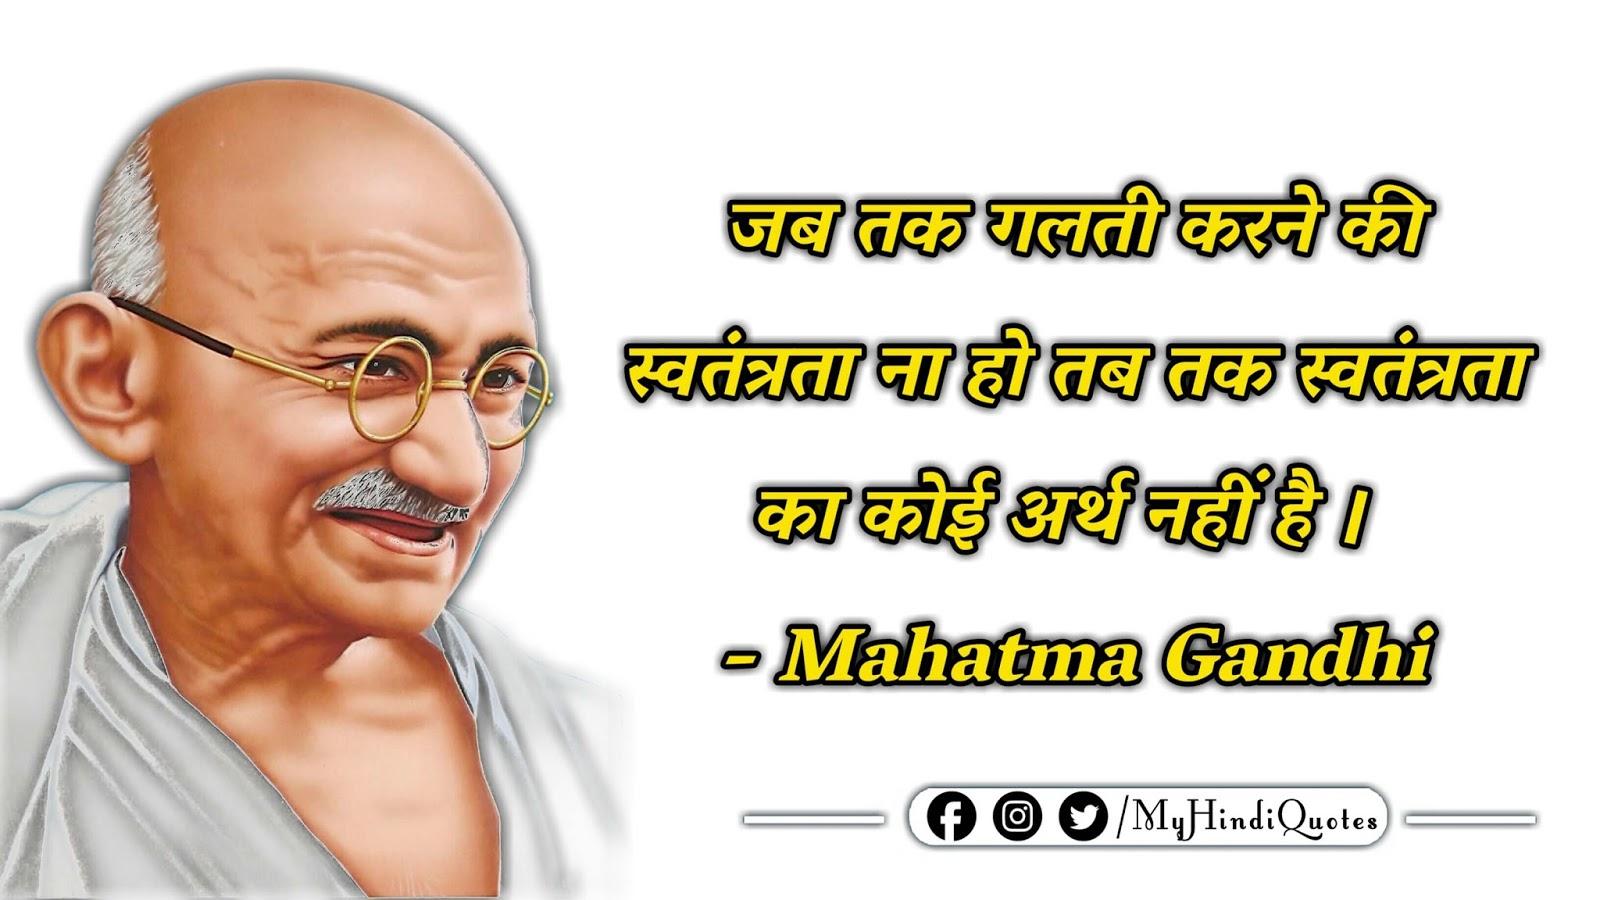 Mahatma gandhi Quotes 2